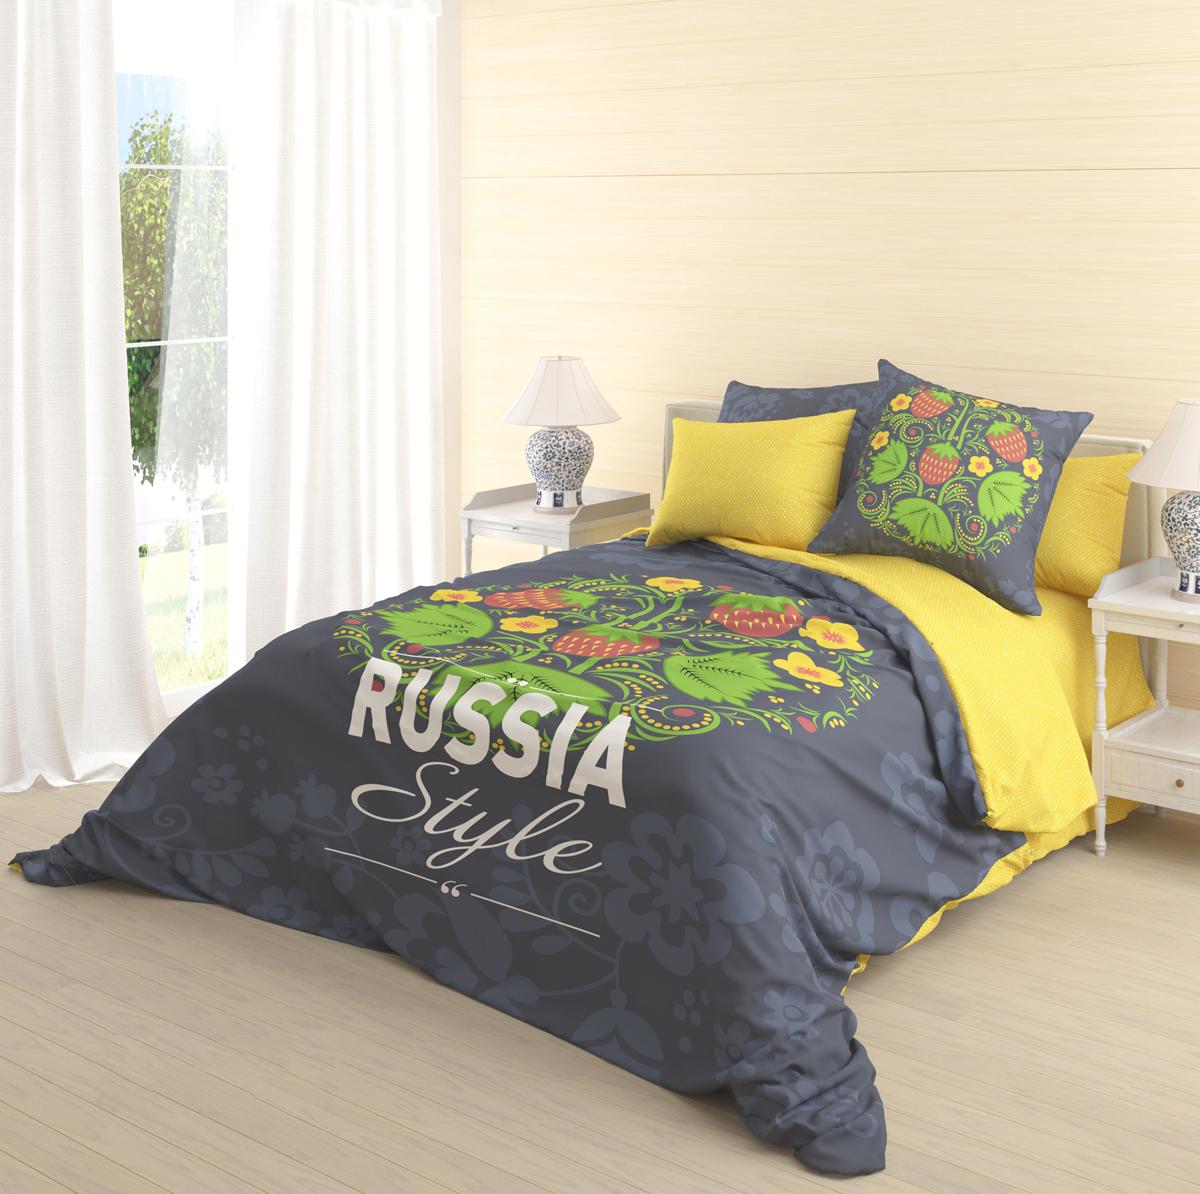 Комплект белья Волшебная ночь Ivan-Da-Maria, 1,5-спальный, наволочки 50х70 см718550